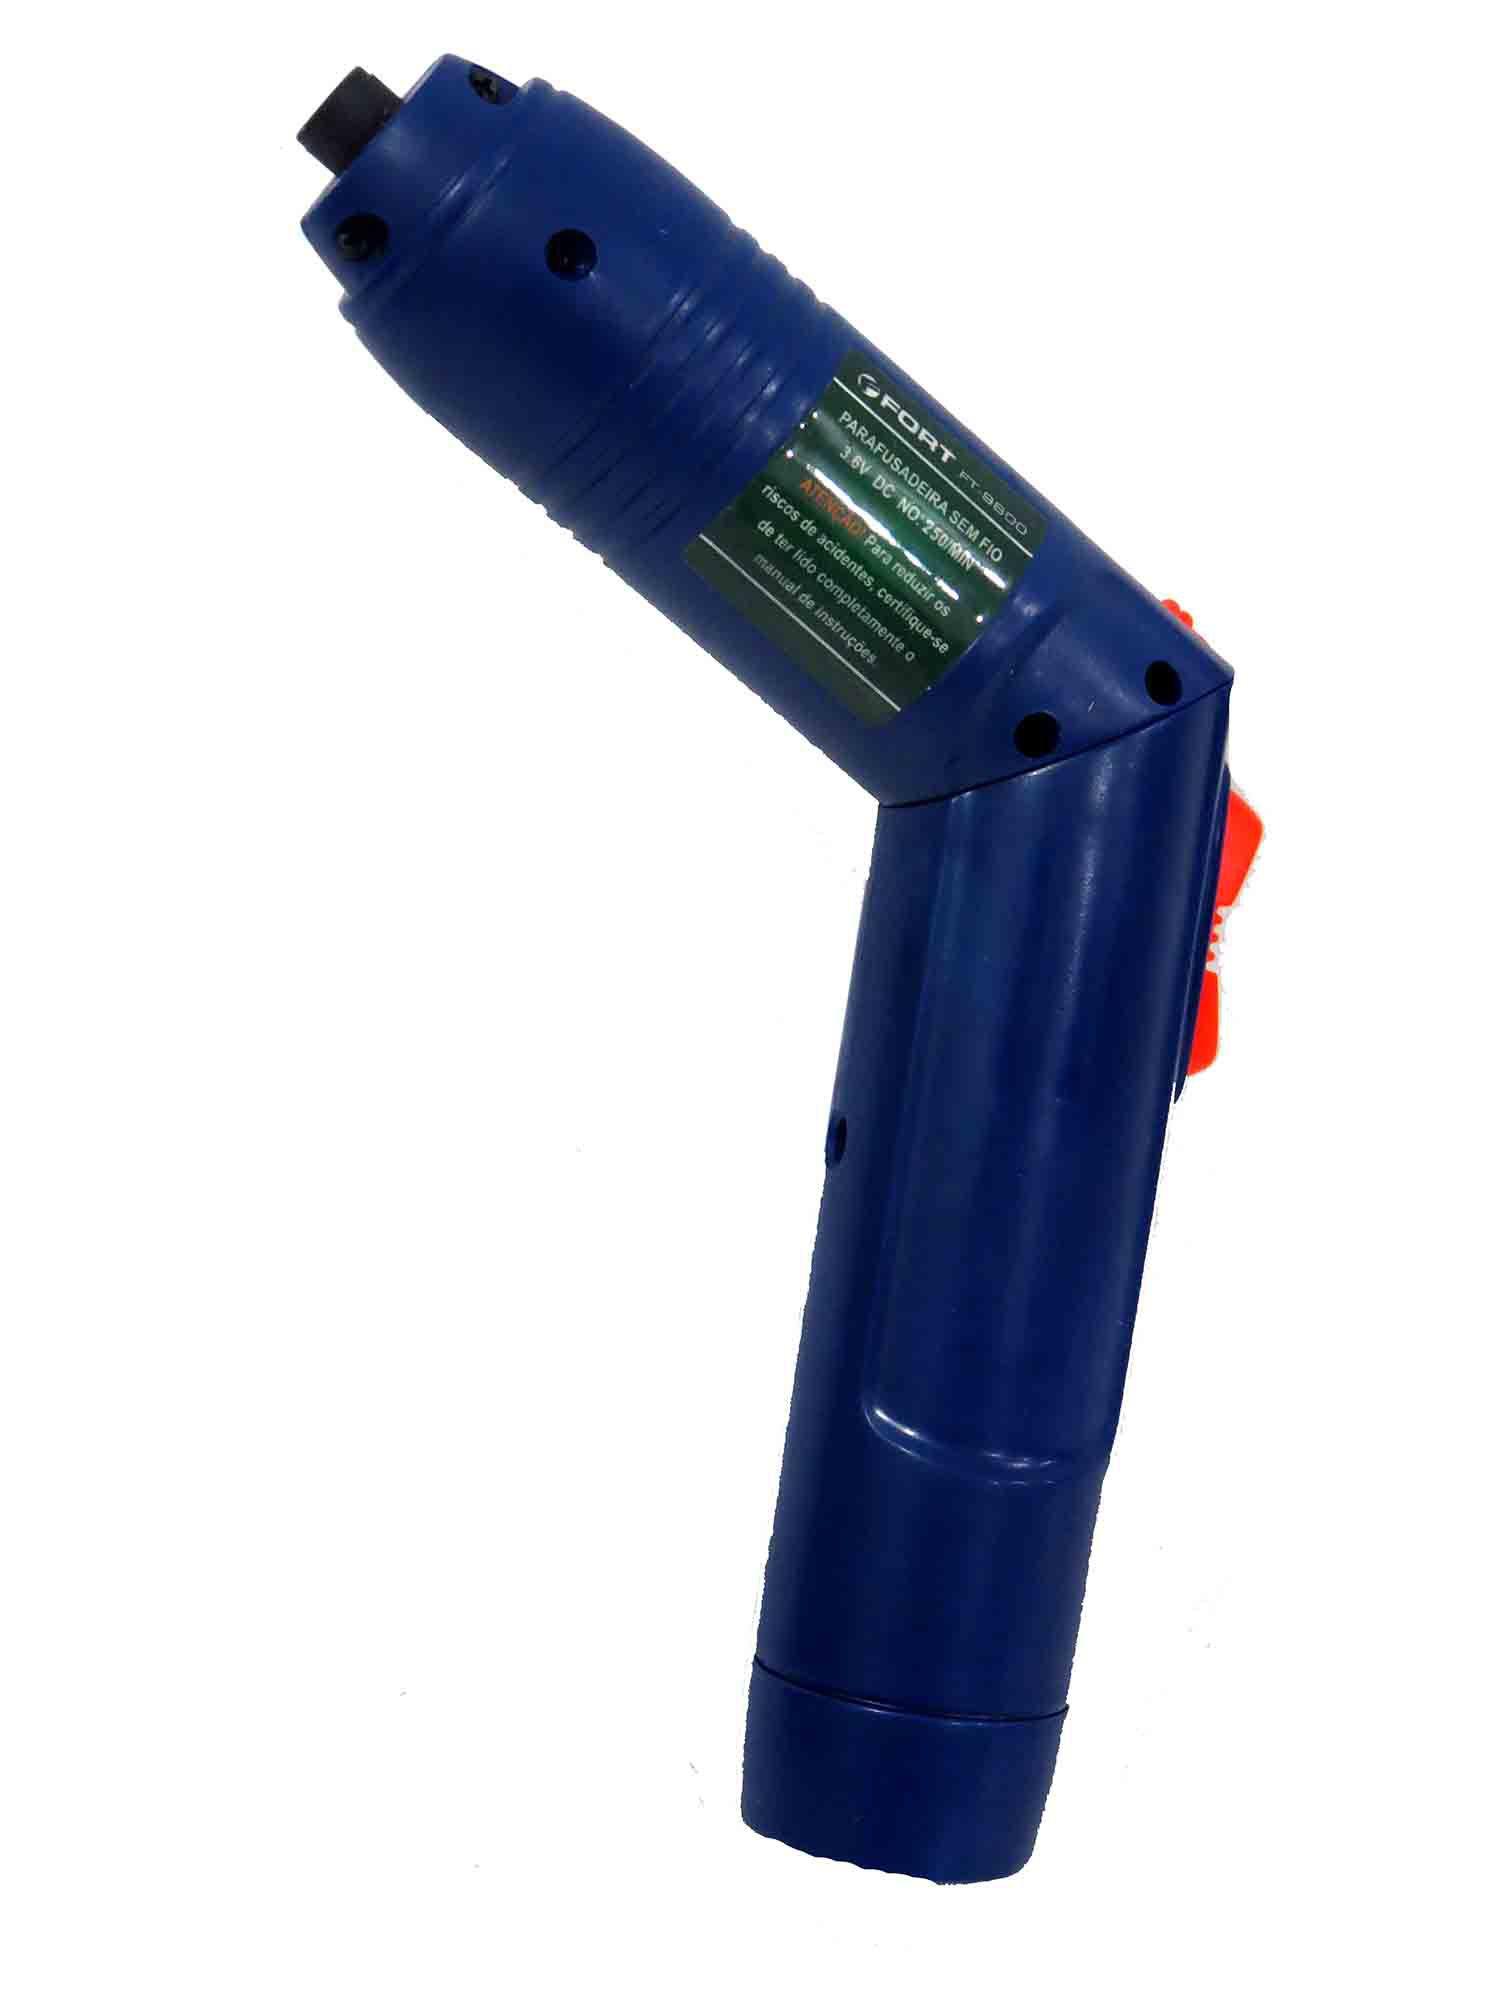 Parafusadeira Hobby A Bateria Sem Fio 3,6v 220v Fort